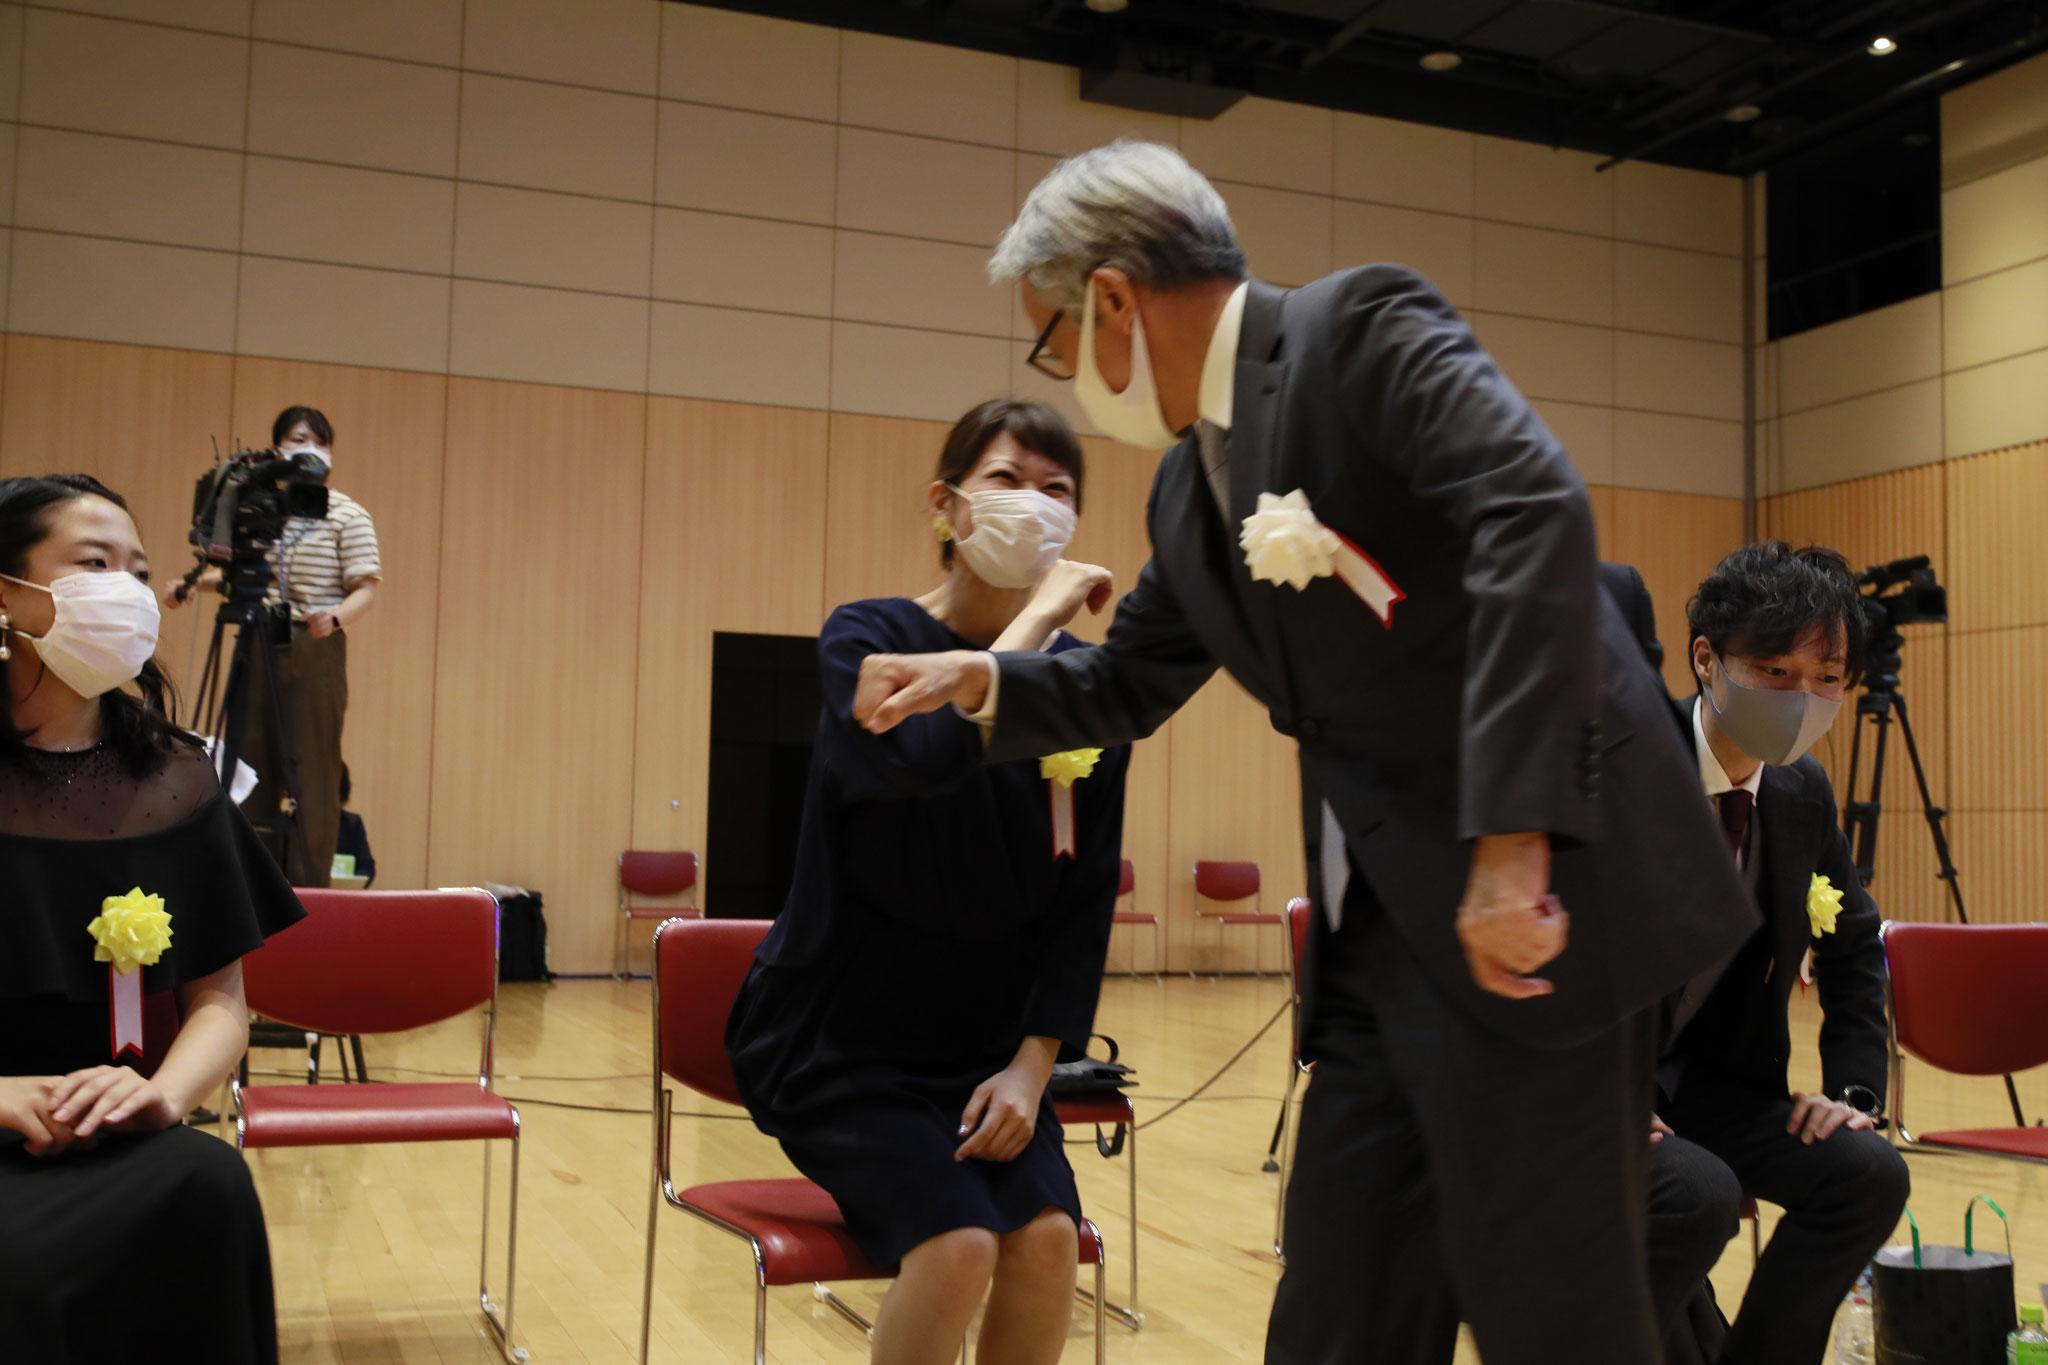 永野審査委員長は肘タッチしながらお一人お一人に声をかけられていました。